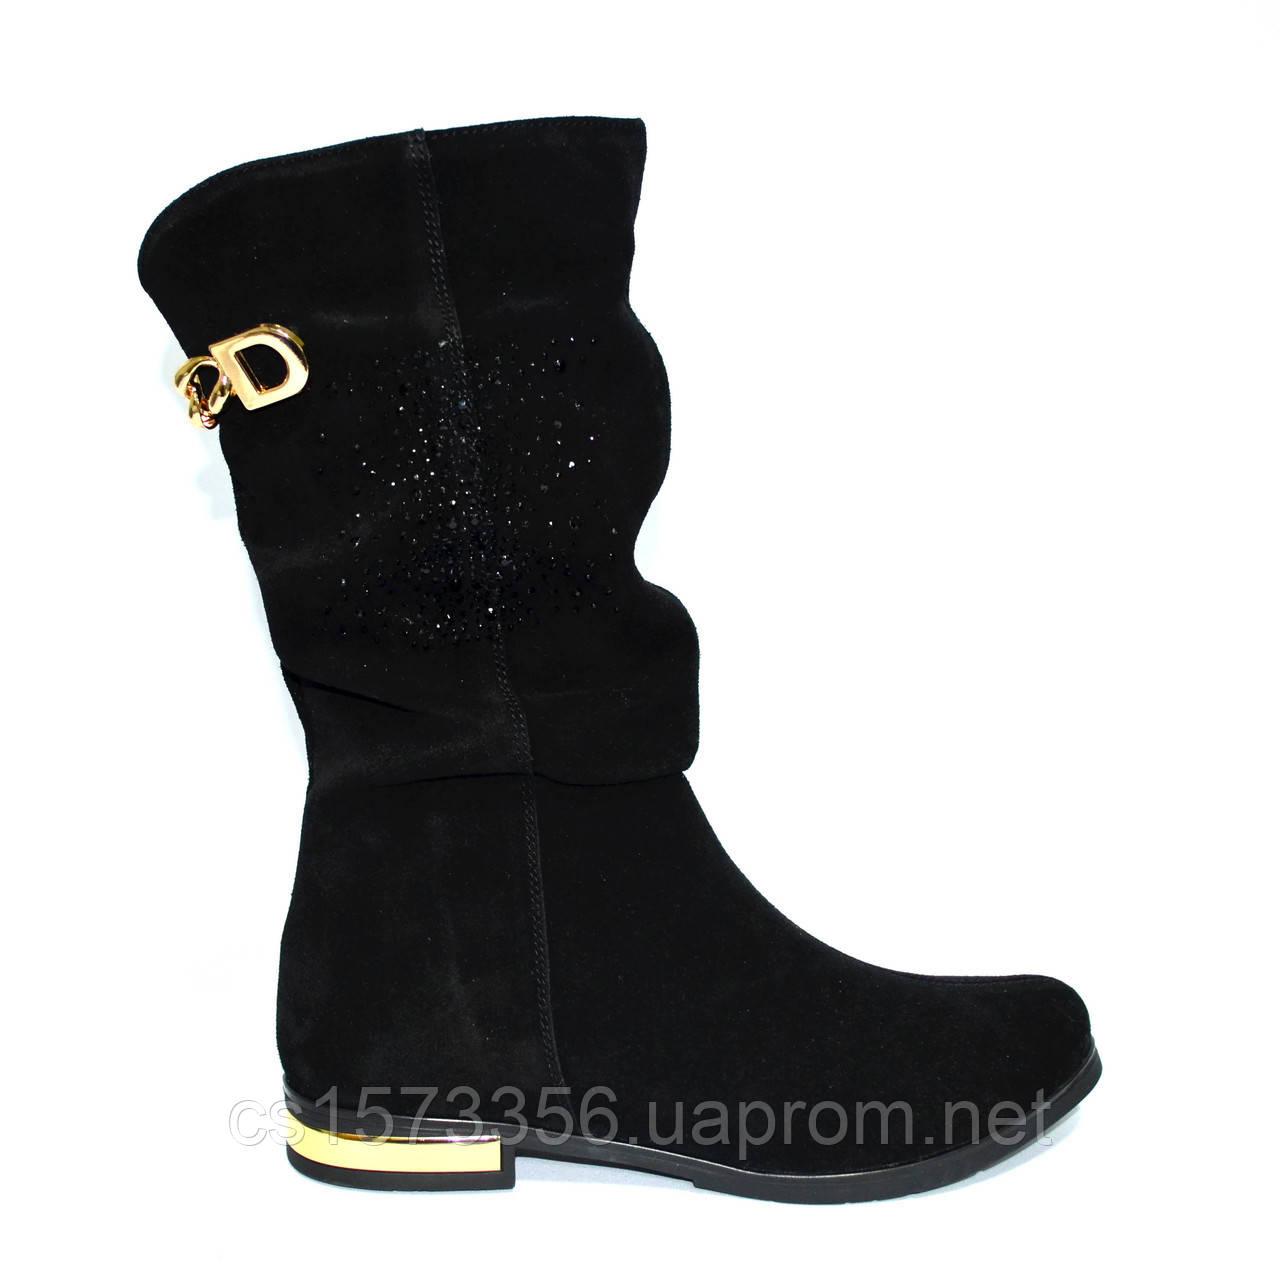 a2e545cd Женские зимние замшевые ботинки на низком ходу, декорированы накаткой  камней и цепочкой